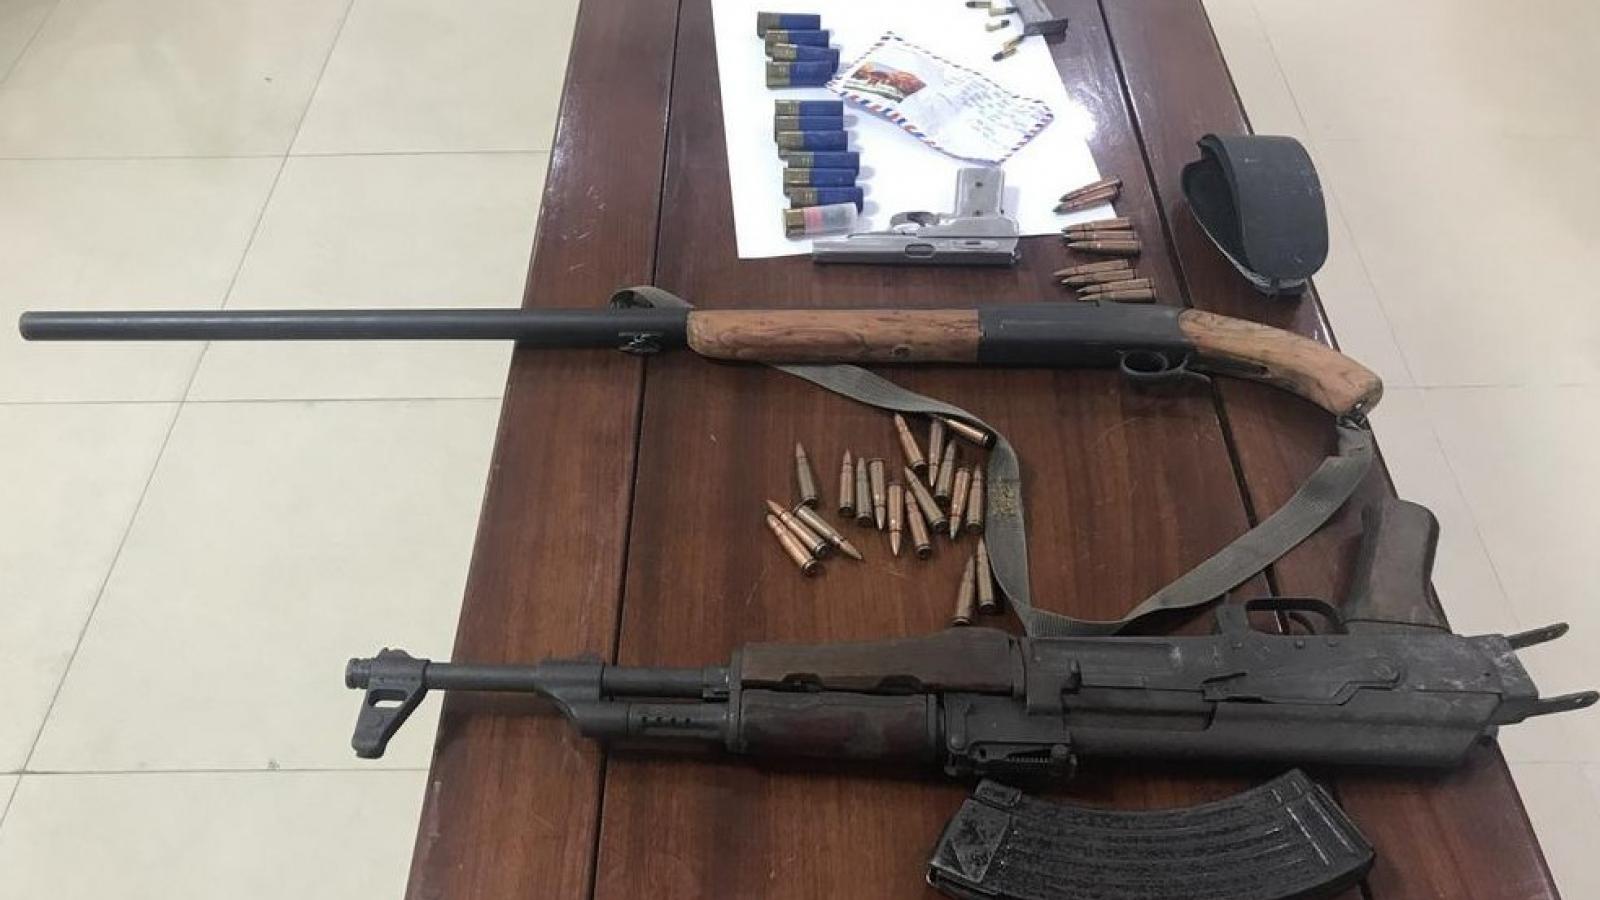 Cảnh sát hình sự bắt đối tượng mang súng đi trên đường